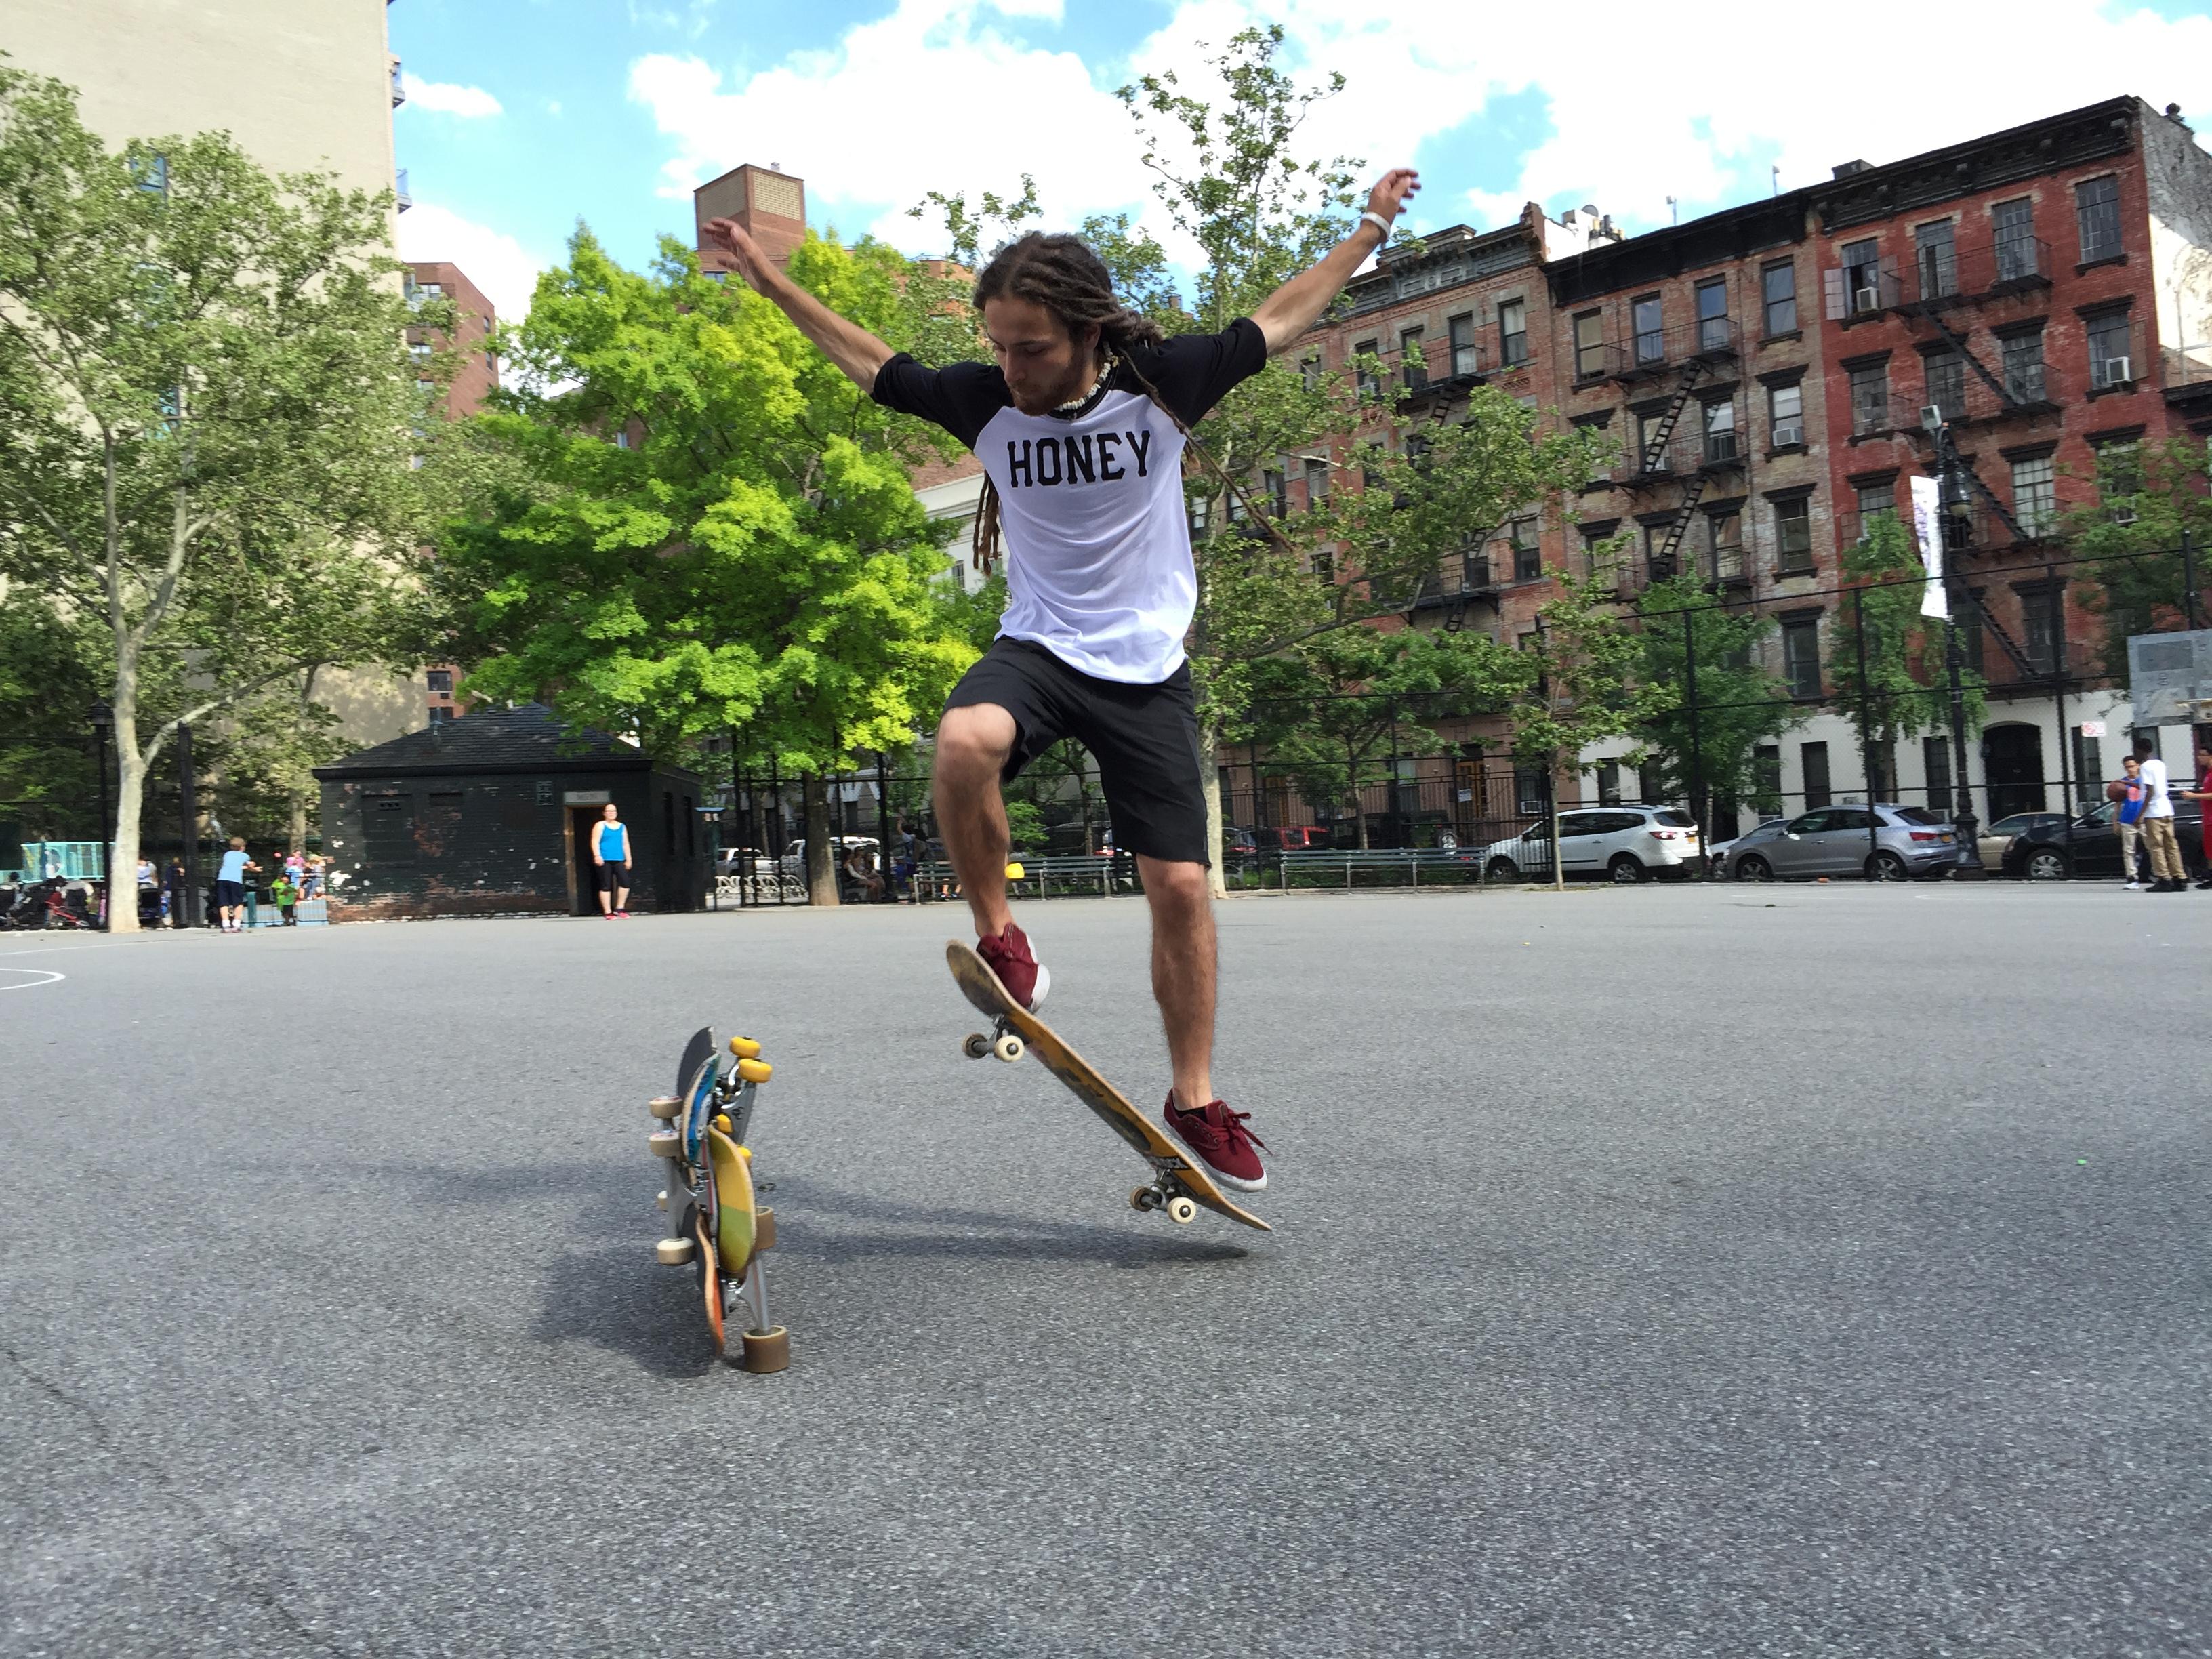 skateboard_ollie_lesson_4